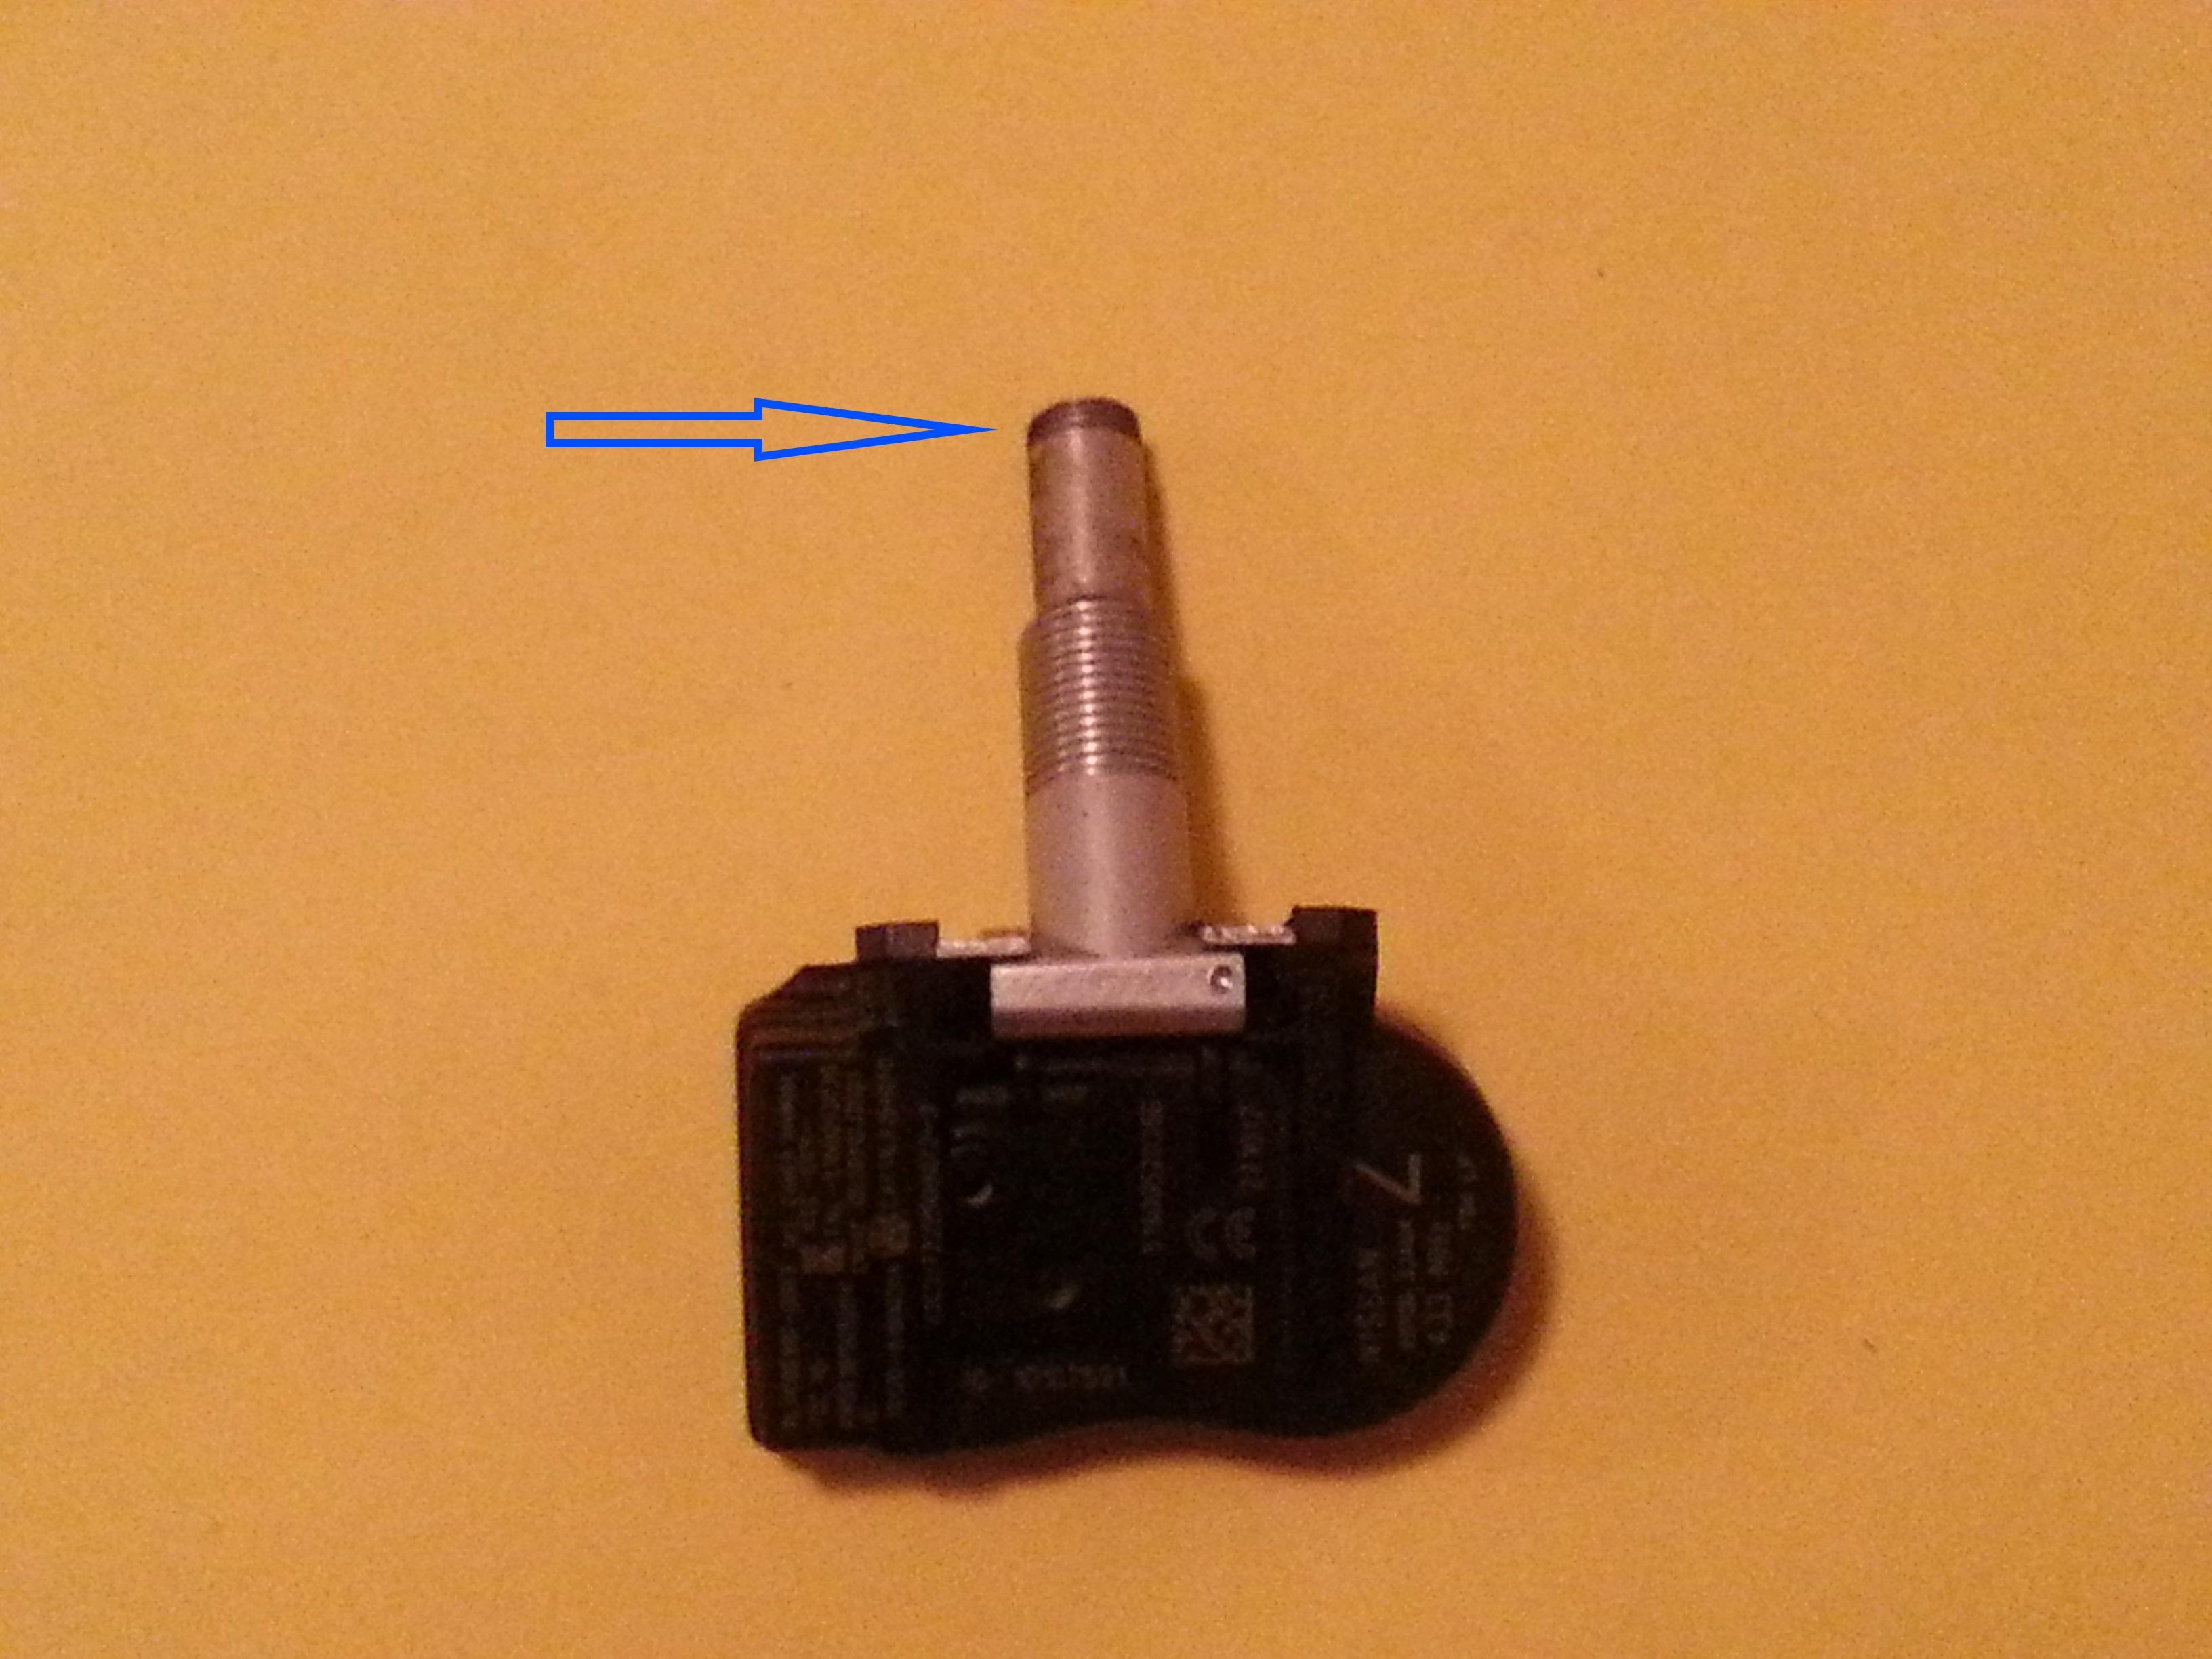 Picture of Repair Tire Pressure Monitor Sensor (TPMS)